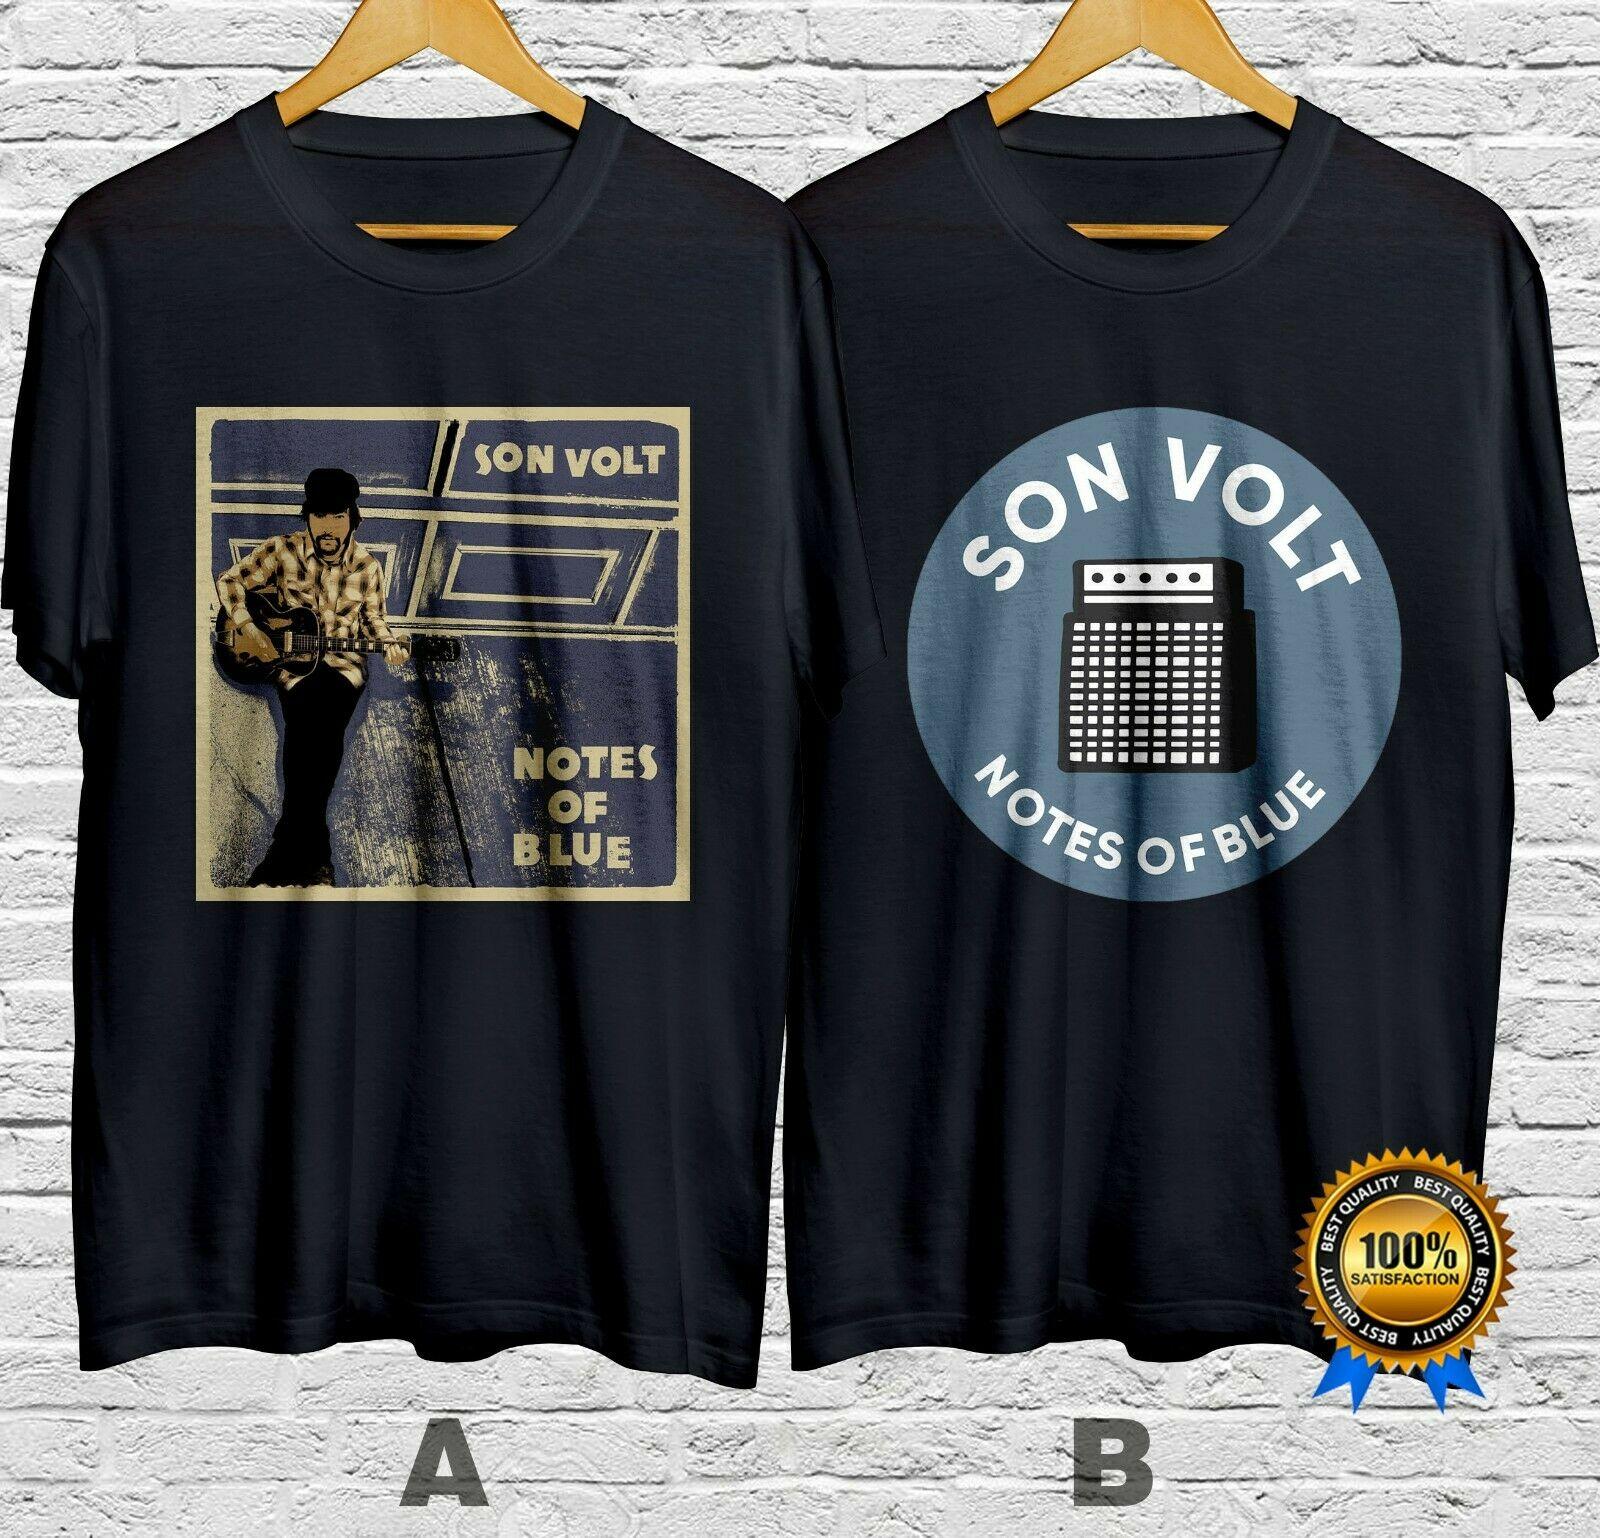 Son Volt Band Notes Of Blue camiseta algodón 100% manga corta S-4Xl envío rápido